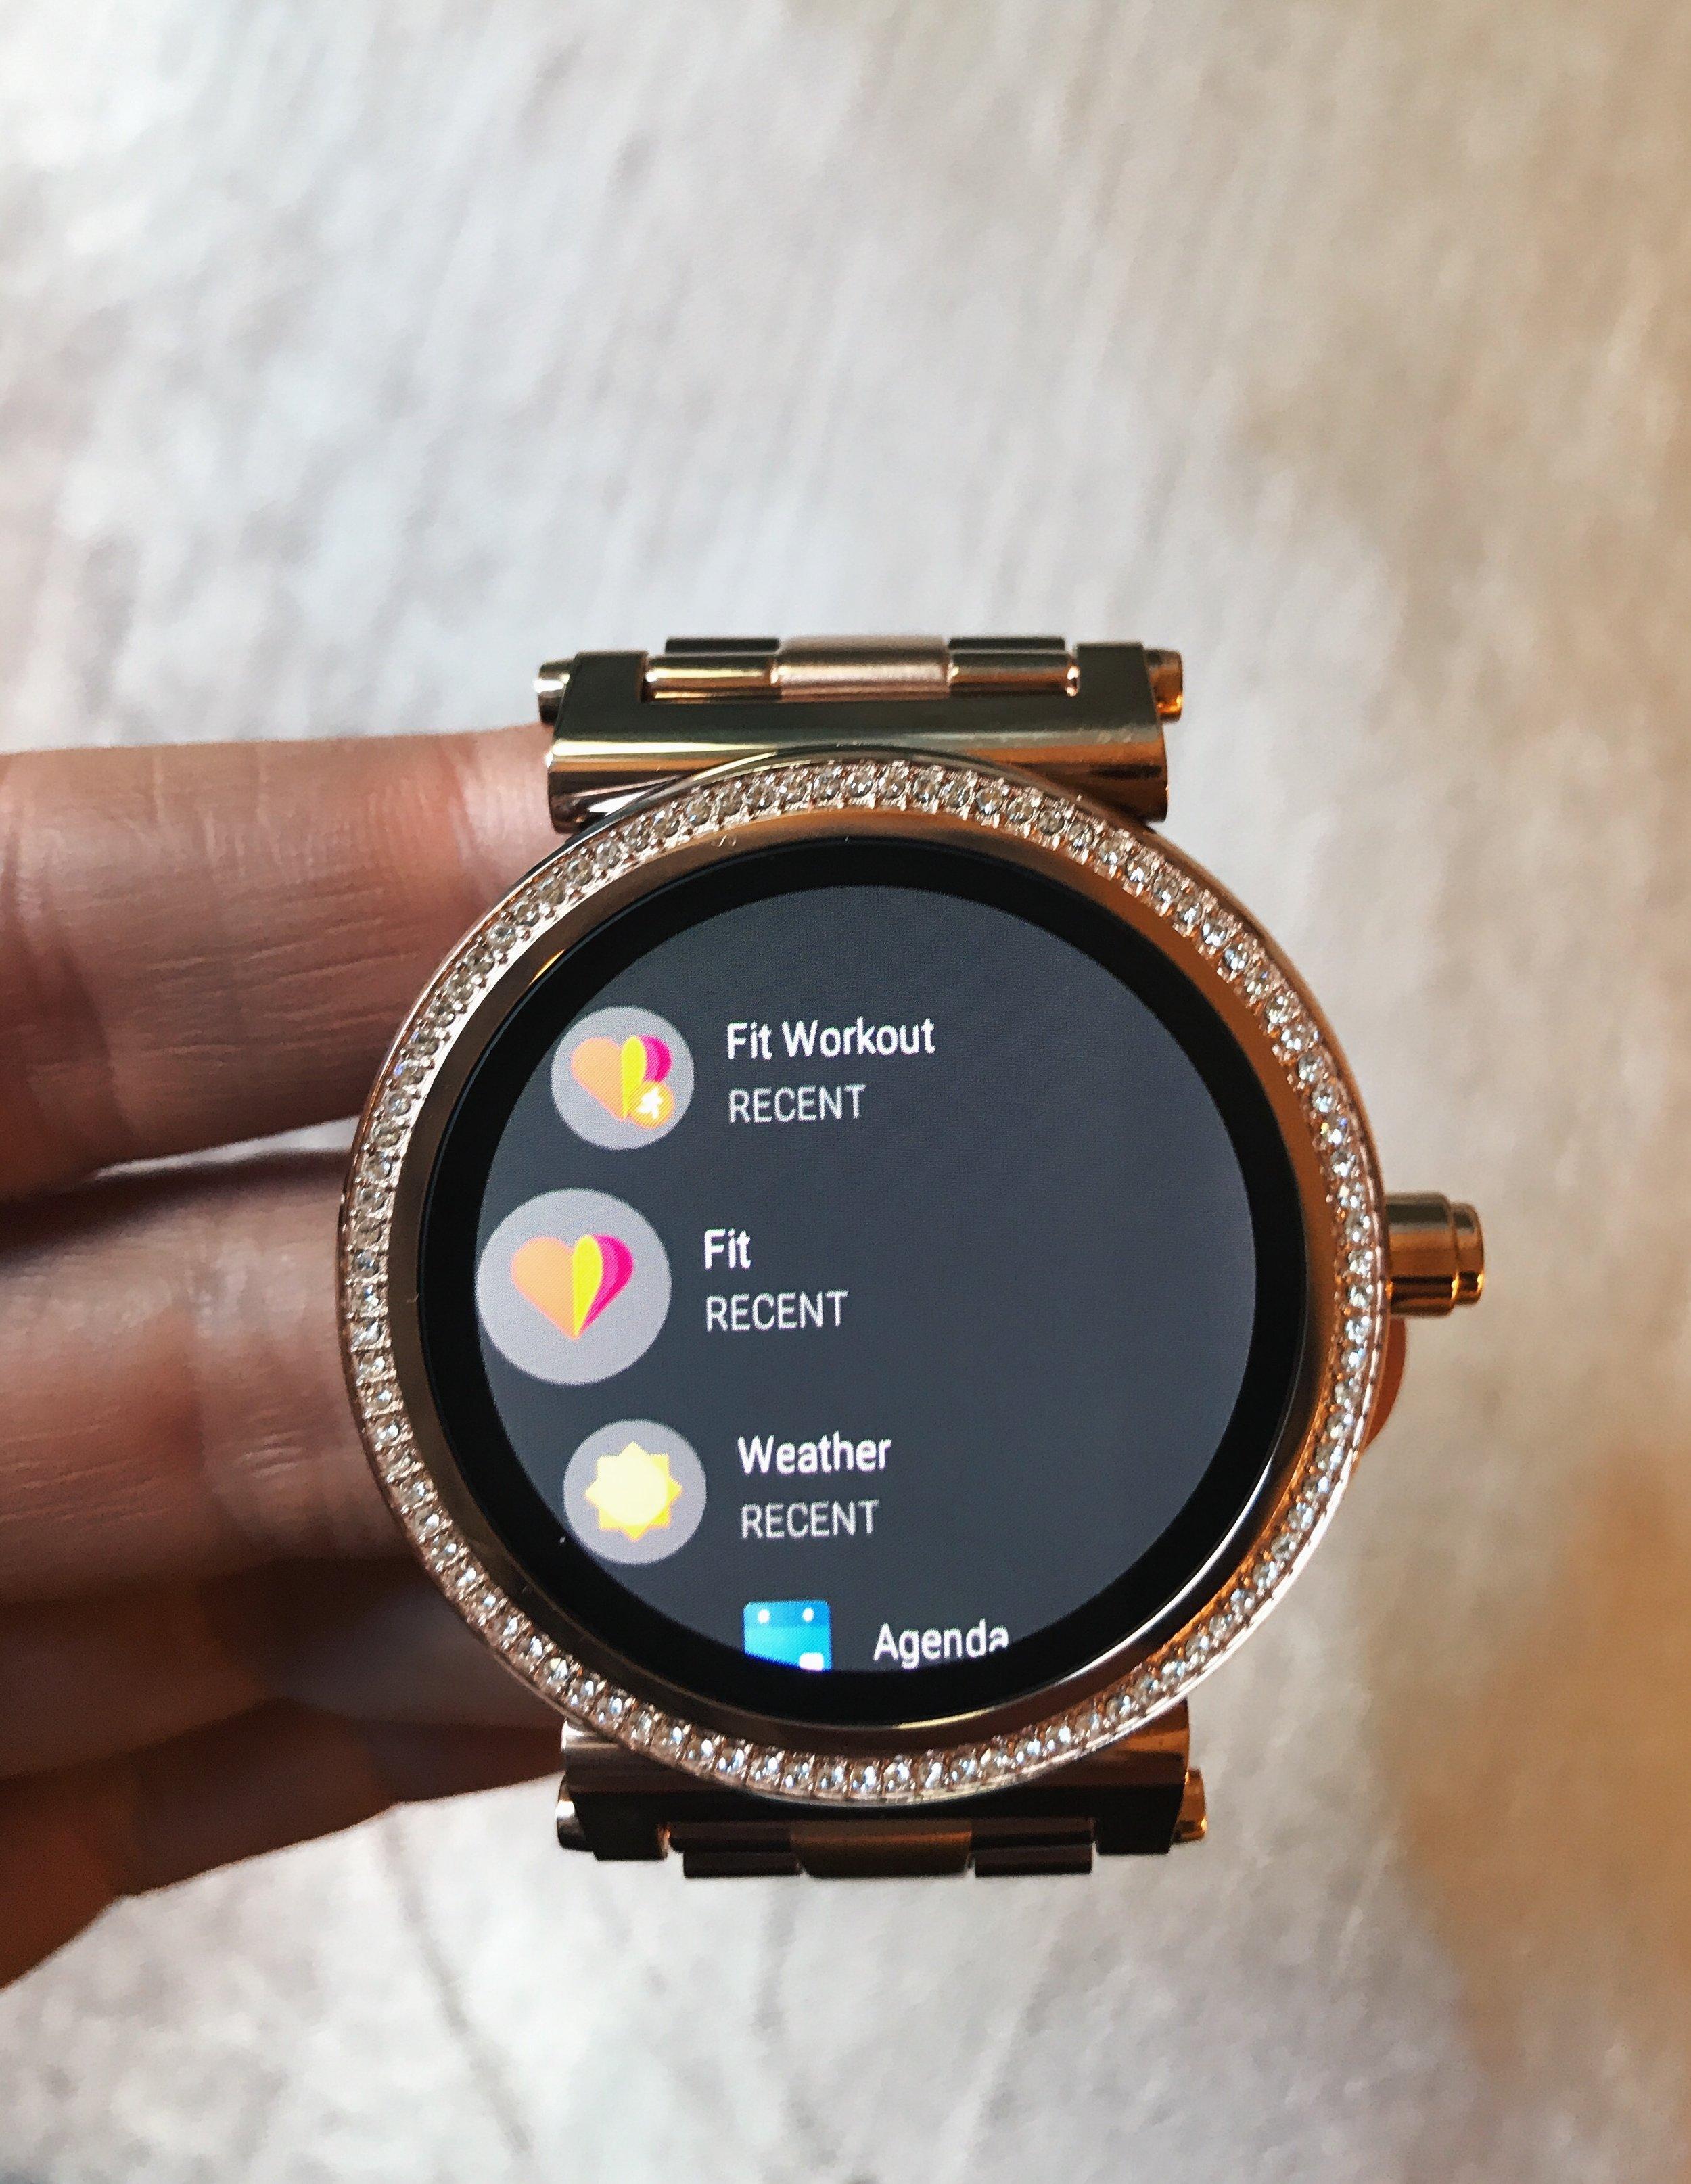 Michael Kors Touchscreen.JPG